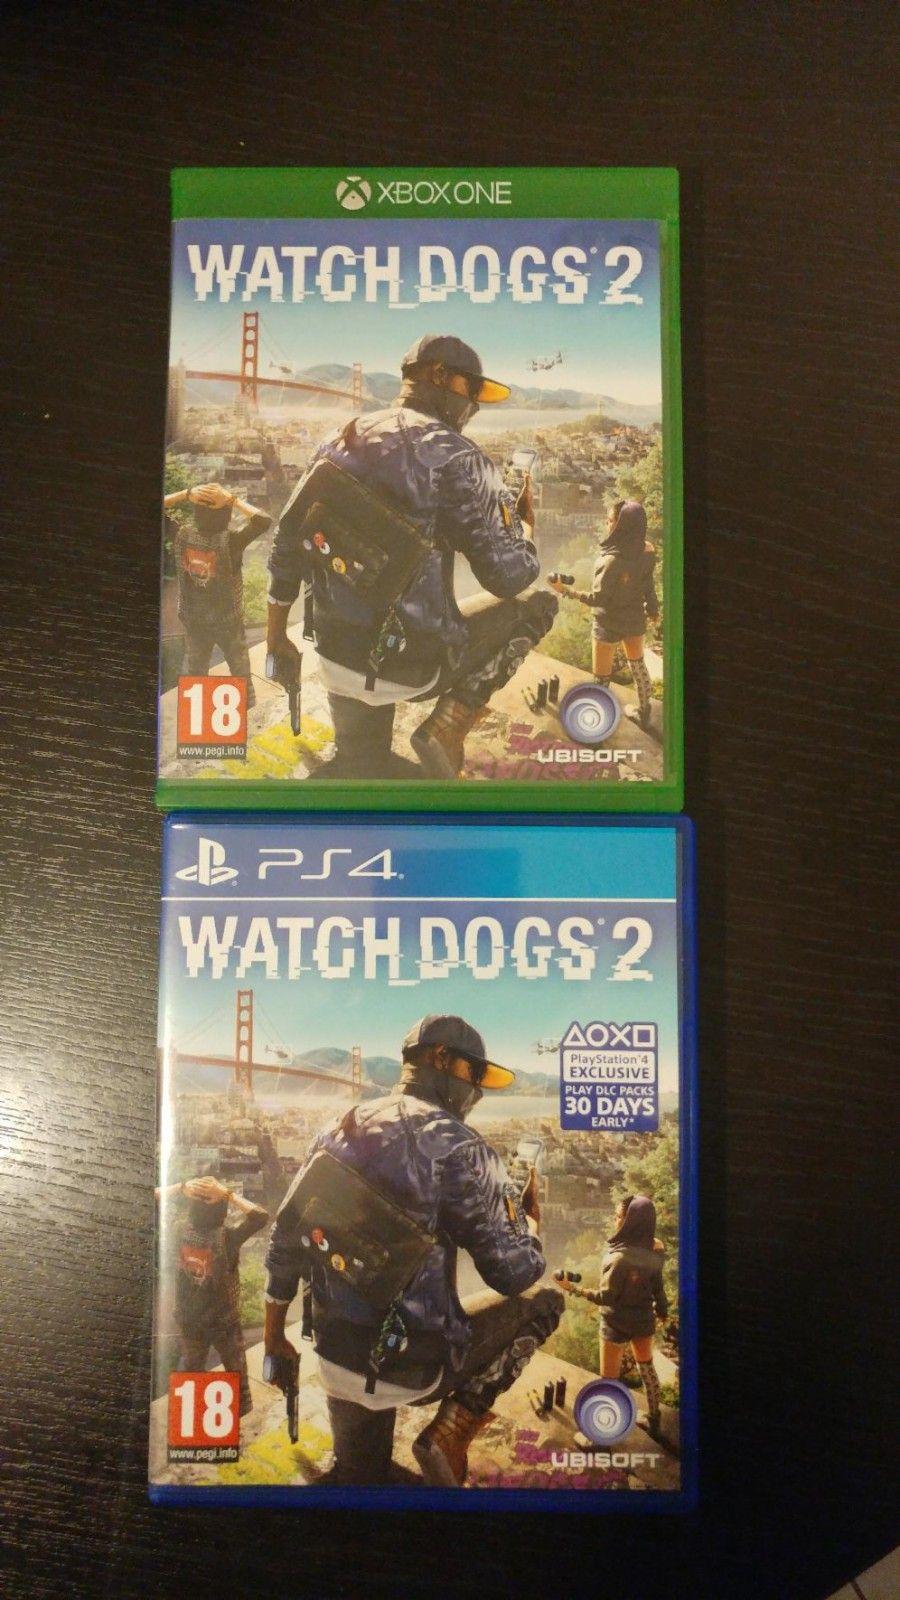 Watch dogs 2 Xbox one/PS4 - Rolvsøy  - Selger Watch Dogs 2 til Xbox One eller Playstation 4. Kan sendes på kjøperens regning. - Rolvsøy